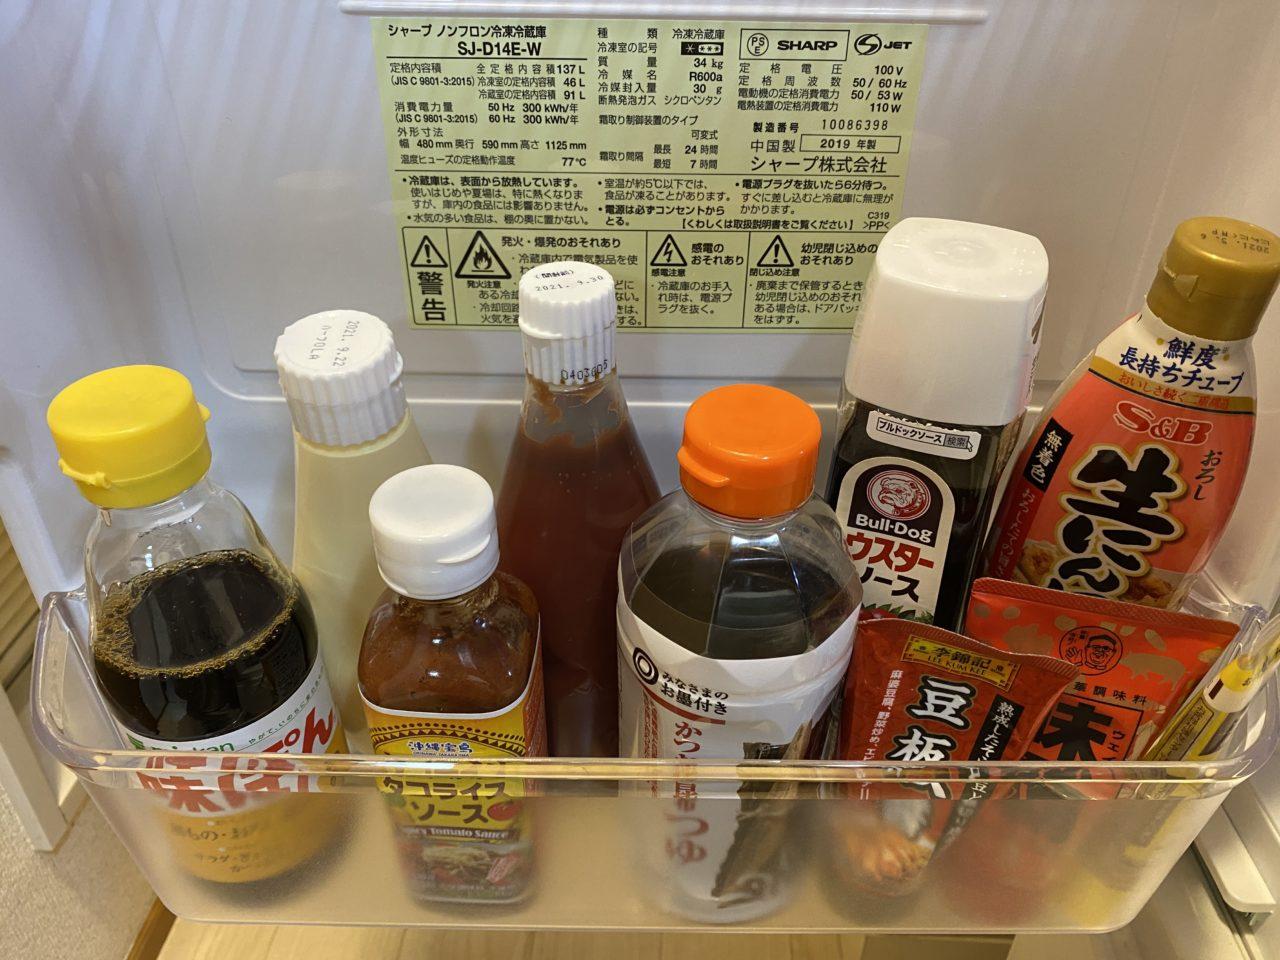 冷蔵する調味料たち